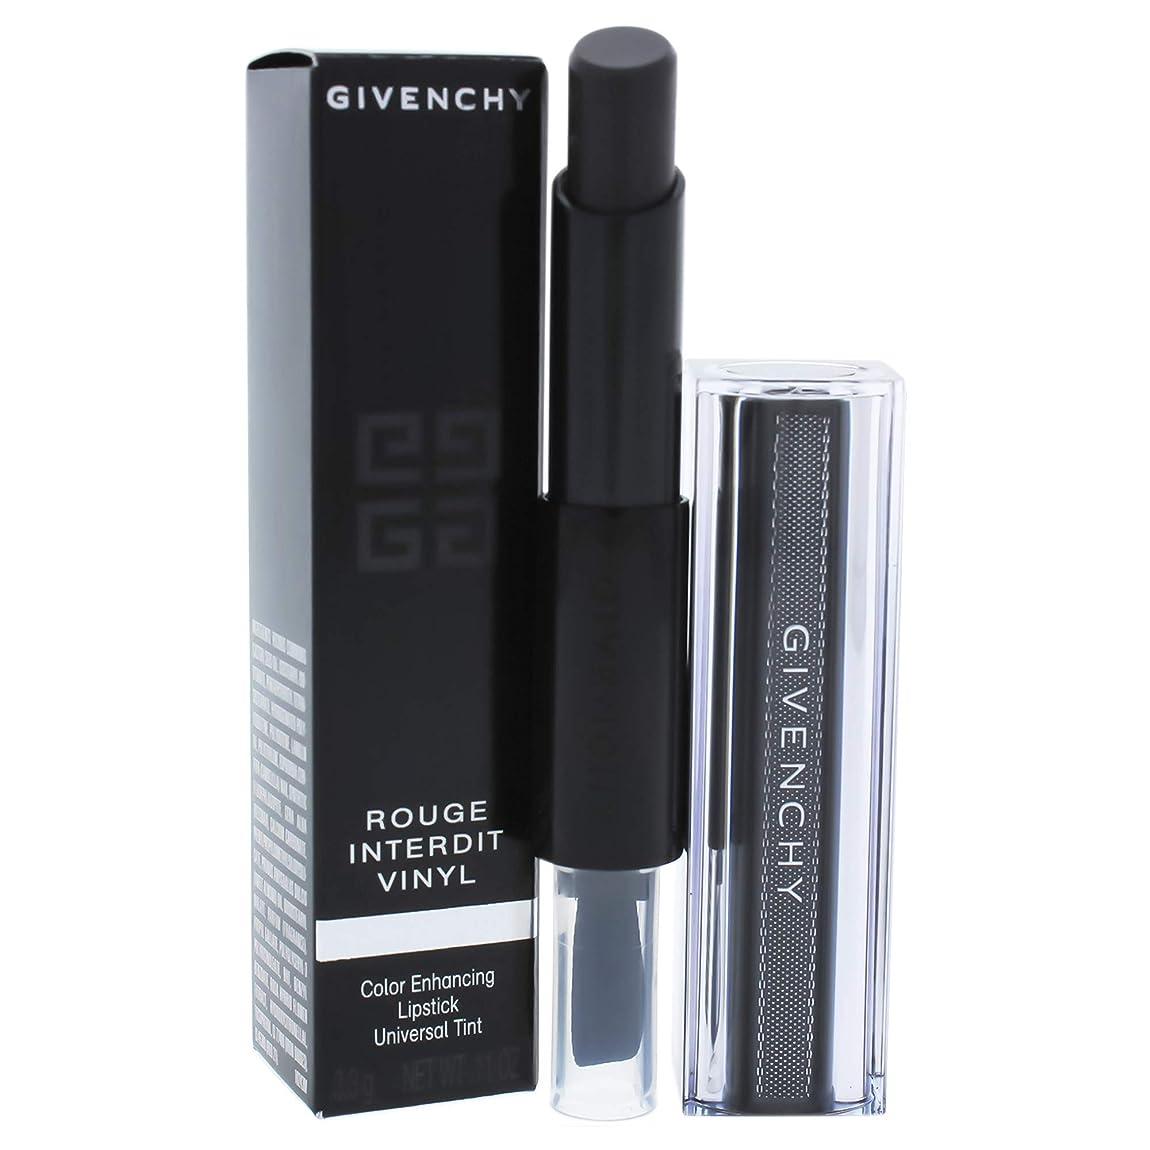 暖かく眉をひそめるテセウスジバンシィ Rouge Interdit Vinyl Color Enhancing Lipstick - # 16 Noir Revelateur 3.3g/0.11oz並行輸入品